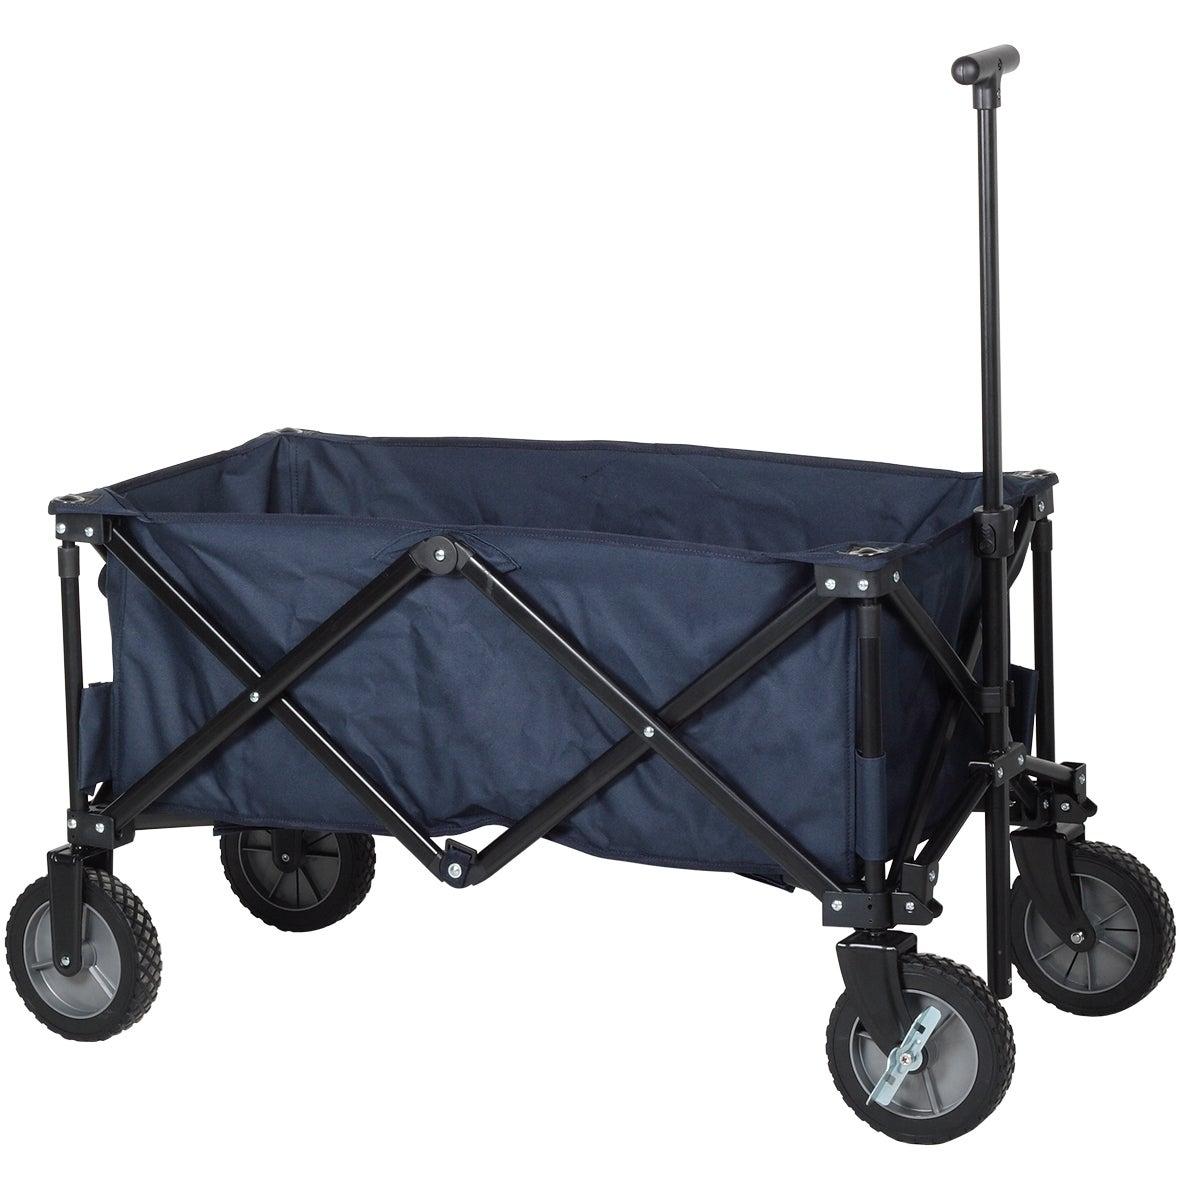 Chariot 4 Roues, 70 Kg pour Chariot De Jardin Leroy Merlin